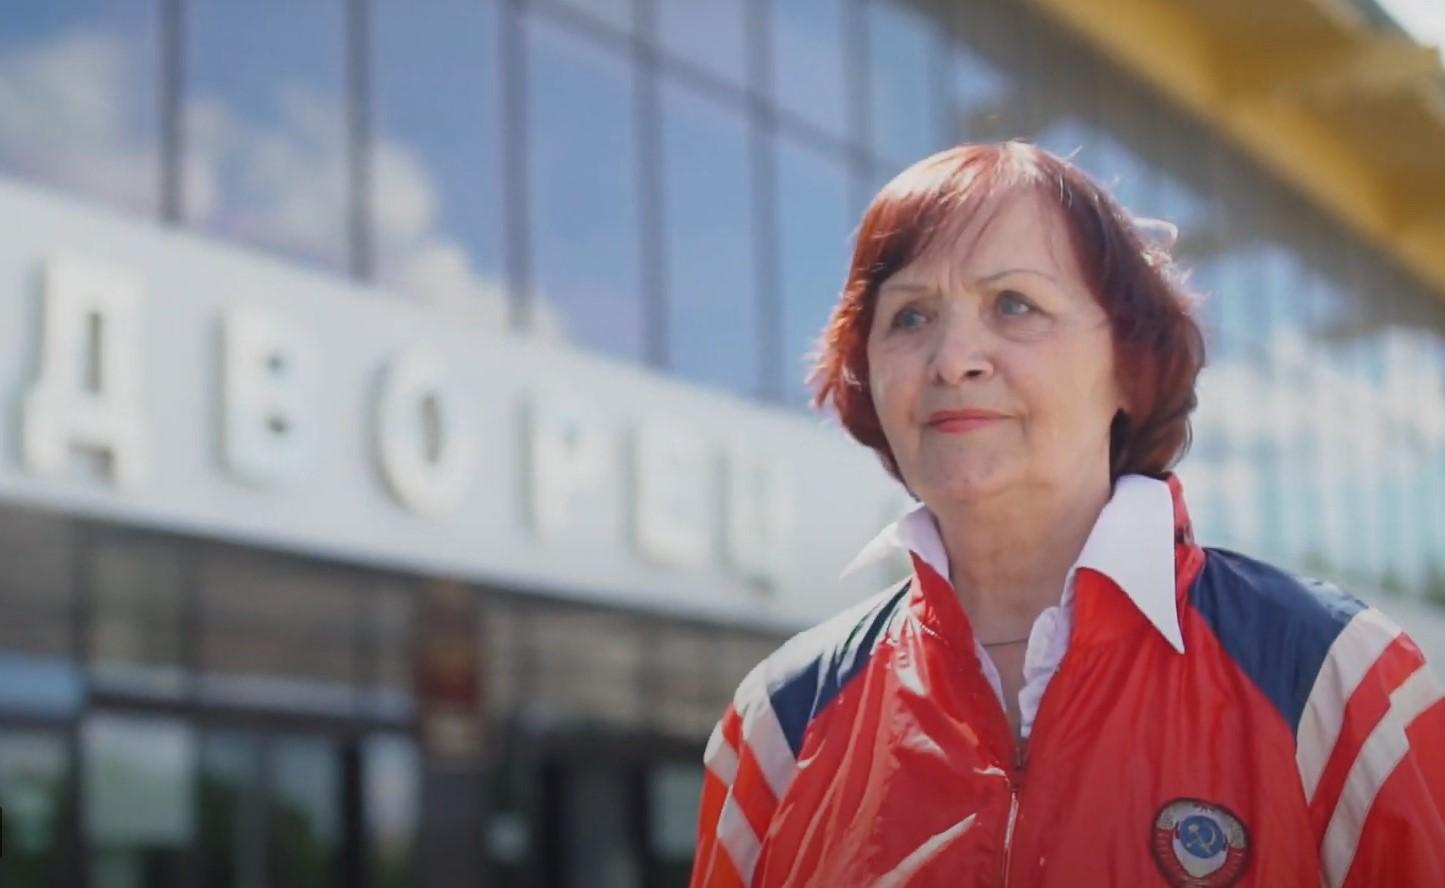 Спорткомитет Тверской области опубликовал видеофильм «Олимпиада – 80. Взгляд из Калинина»